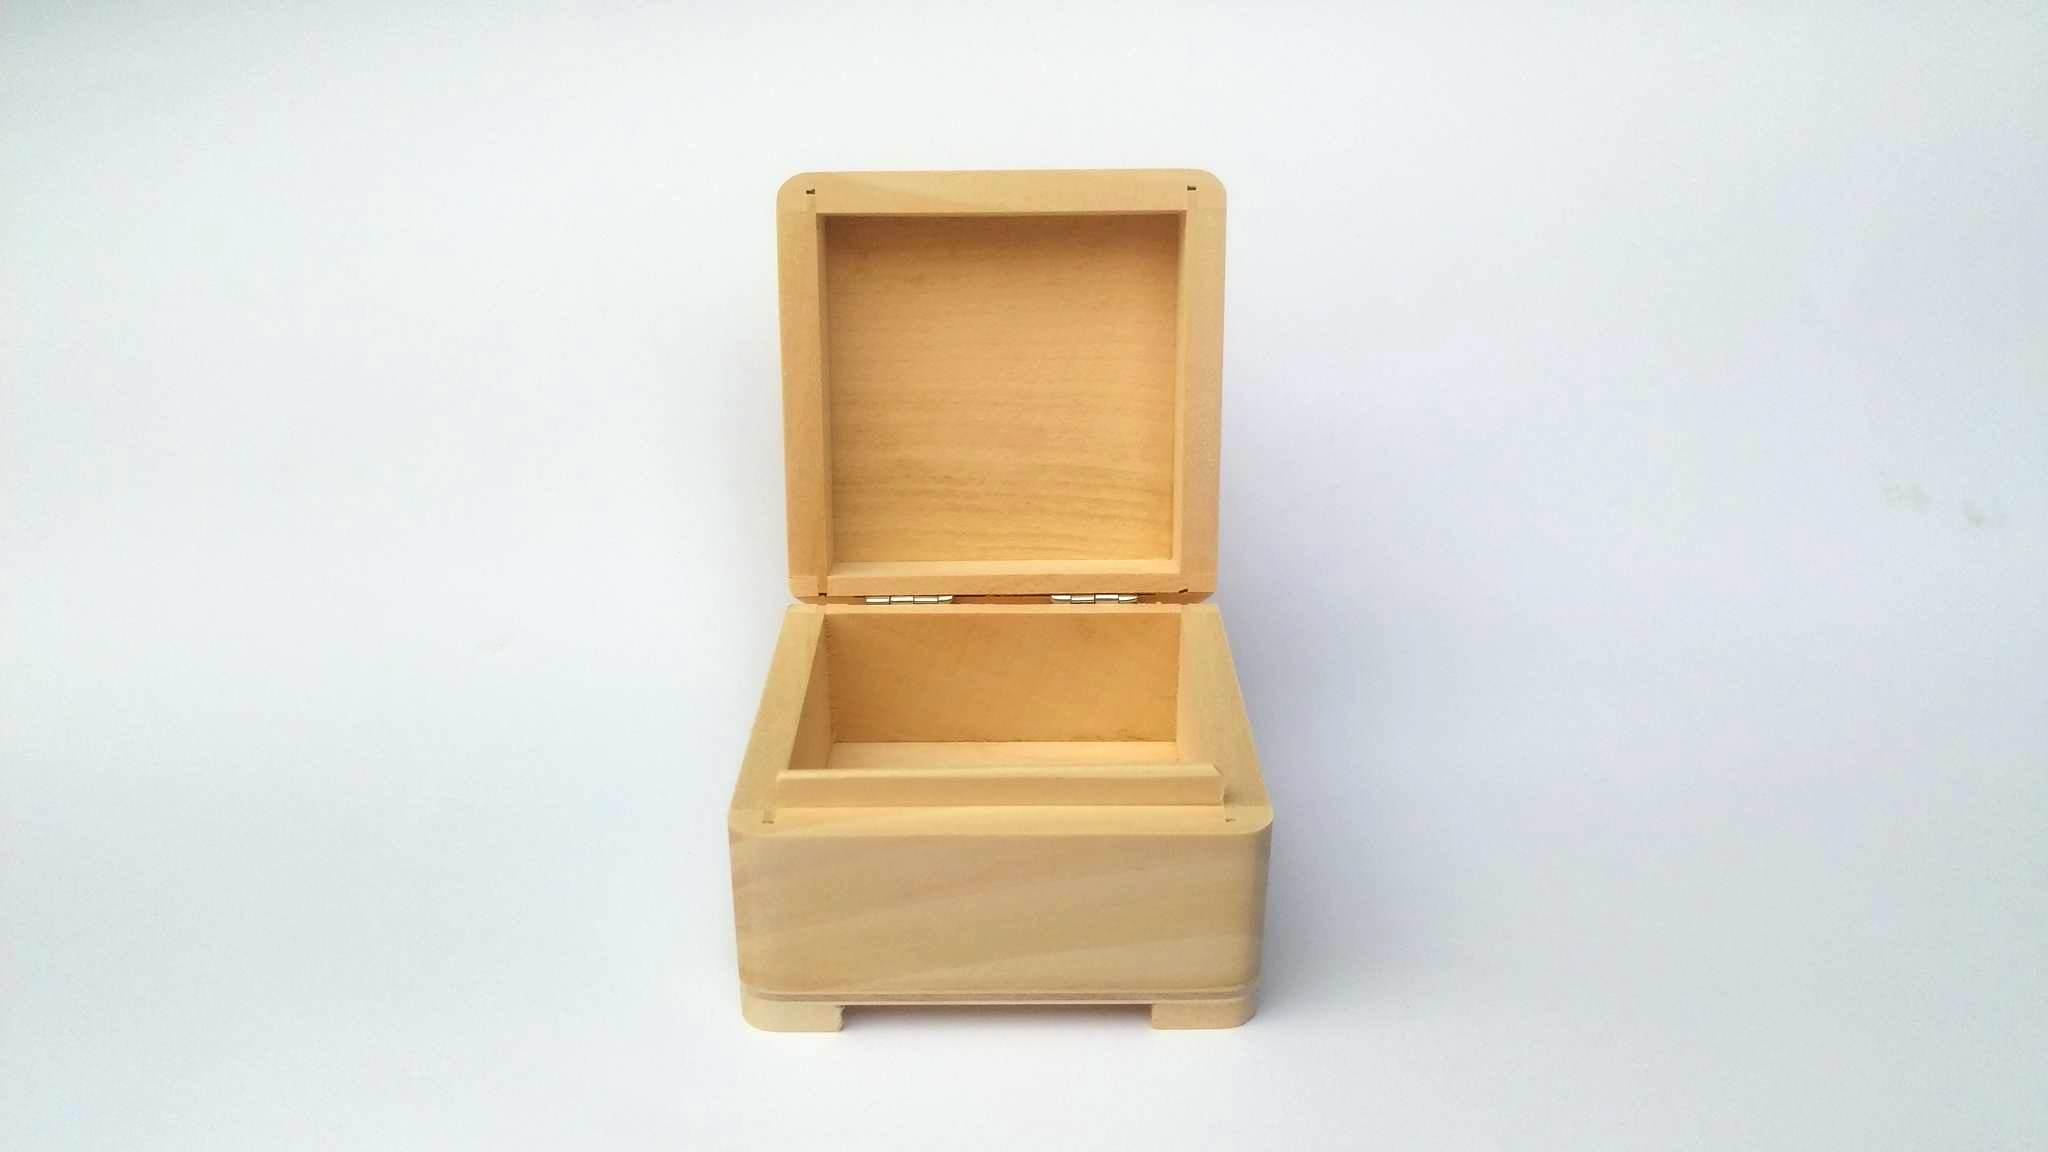 Genialny WOODEN WORLD, pudelka z drewna Producent pudełek drewnianych ZL97